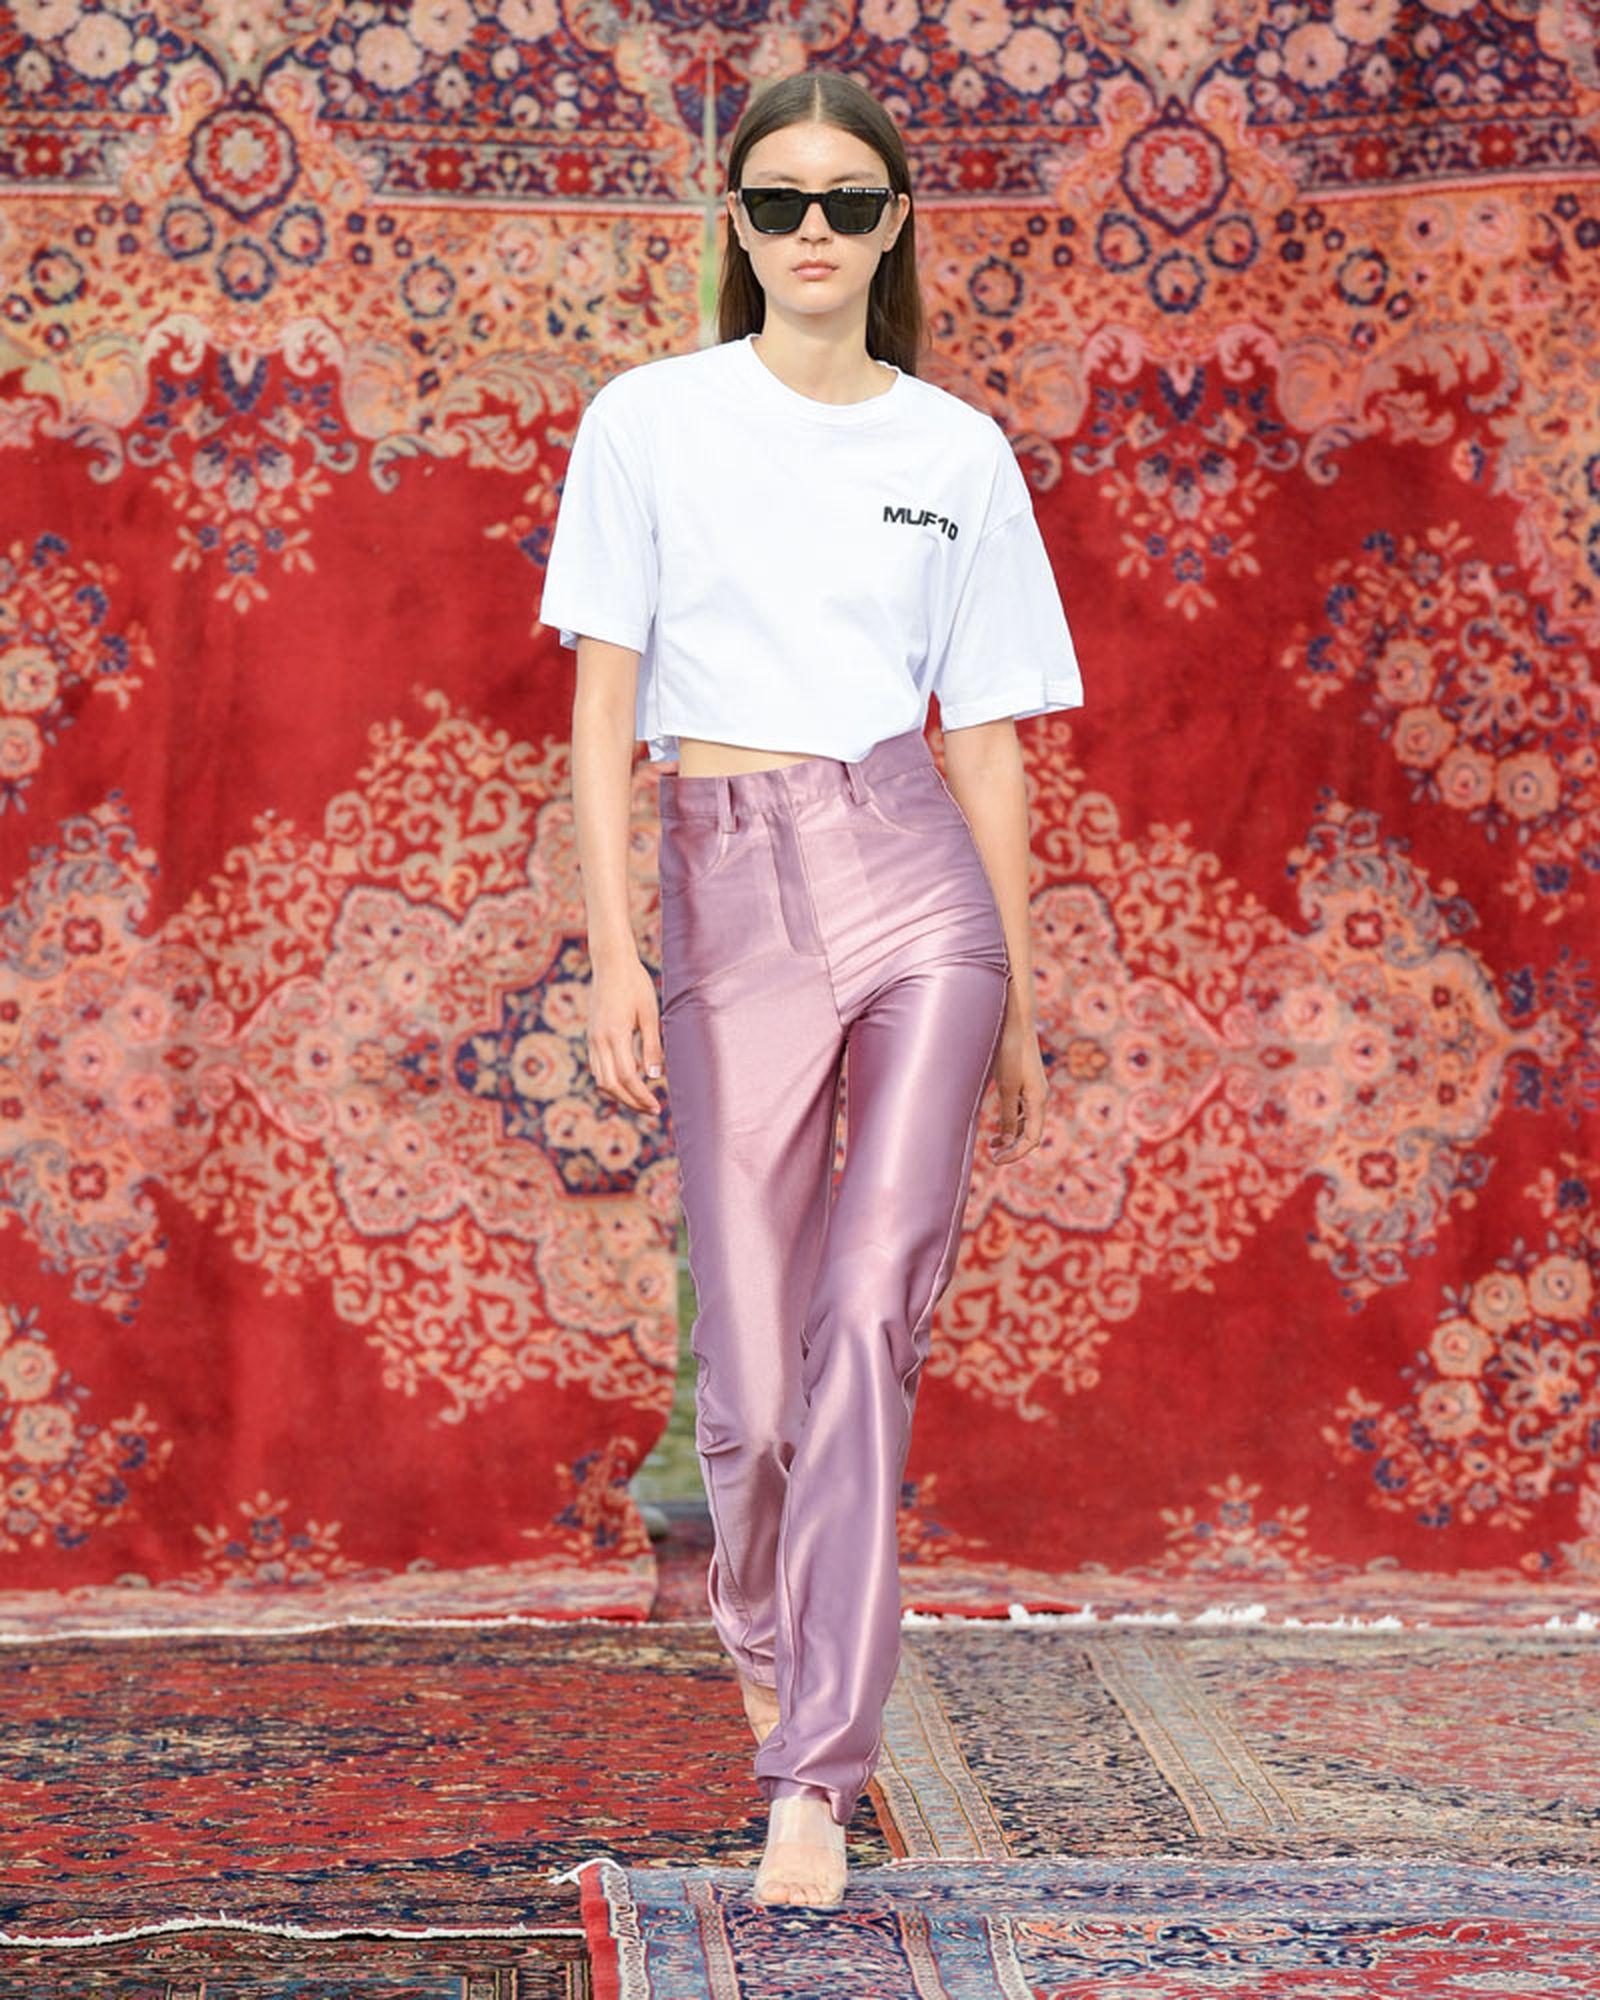 copenhagen fashion week 2019 recap muf10 7days Sunflower holzweiler